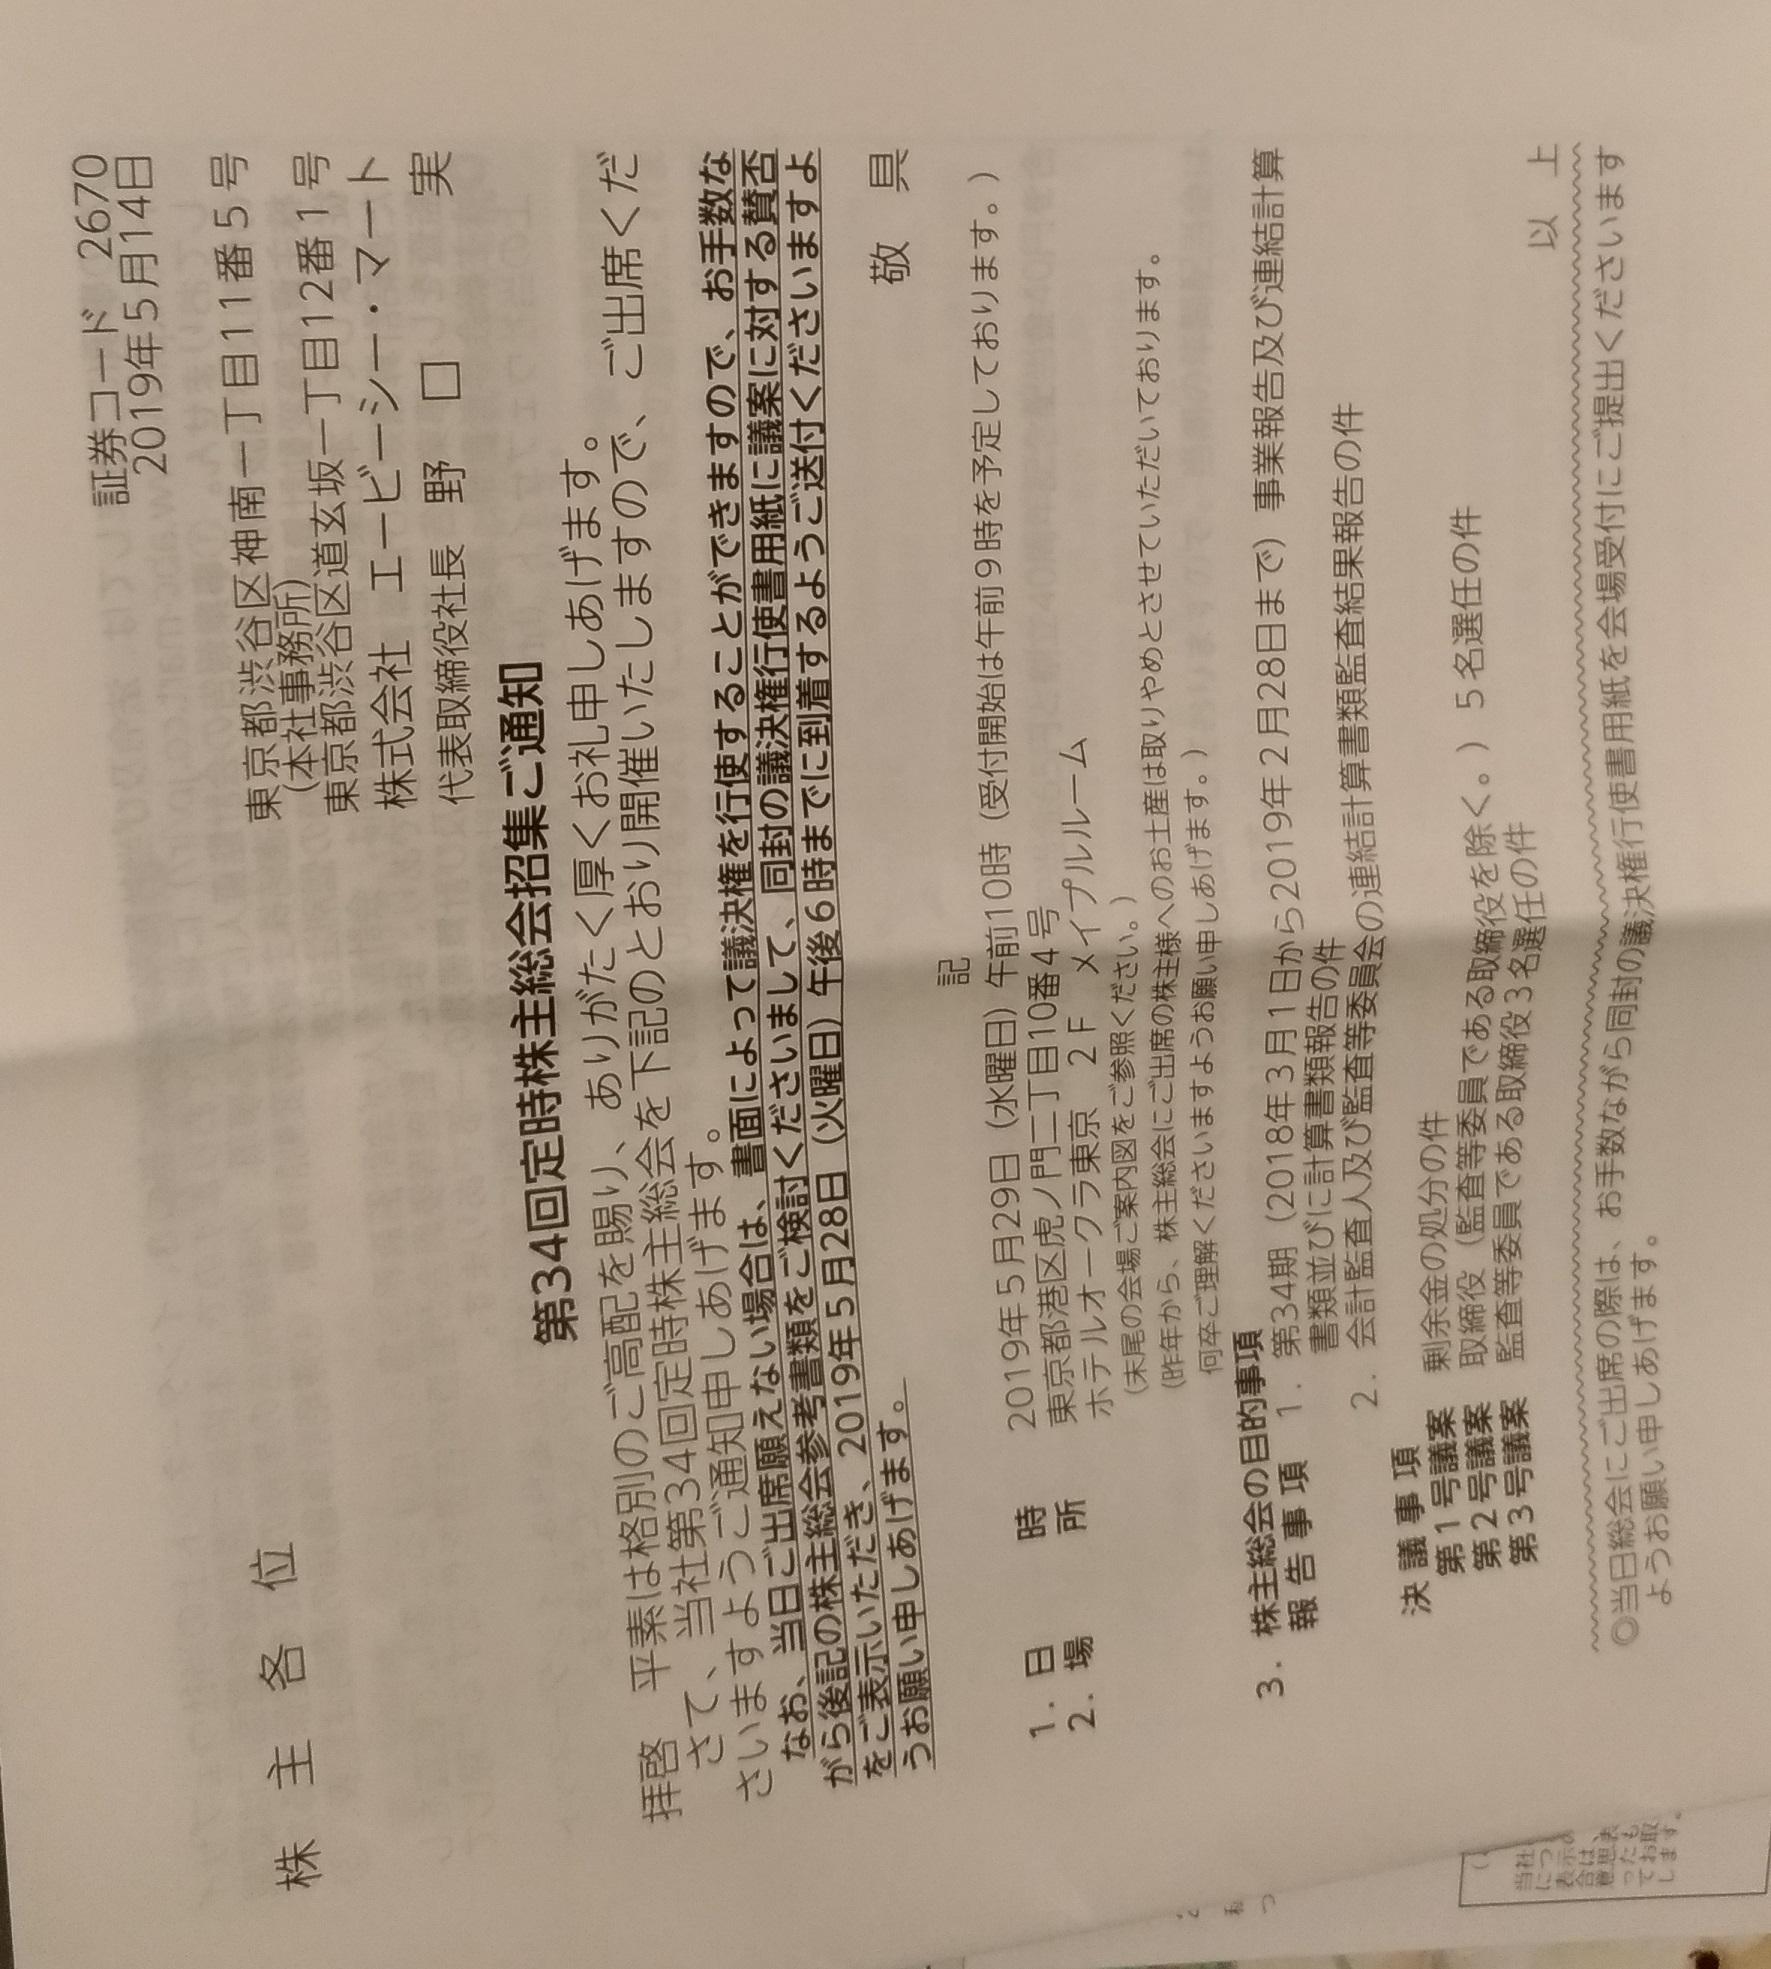 abc_mart_kabu_haito_1.jpg